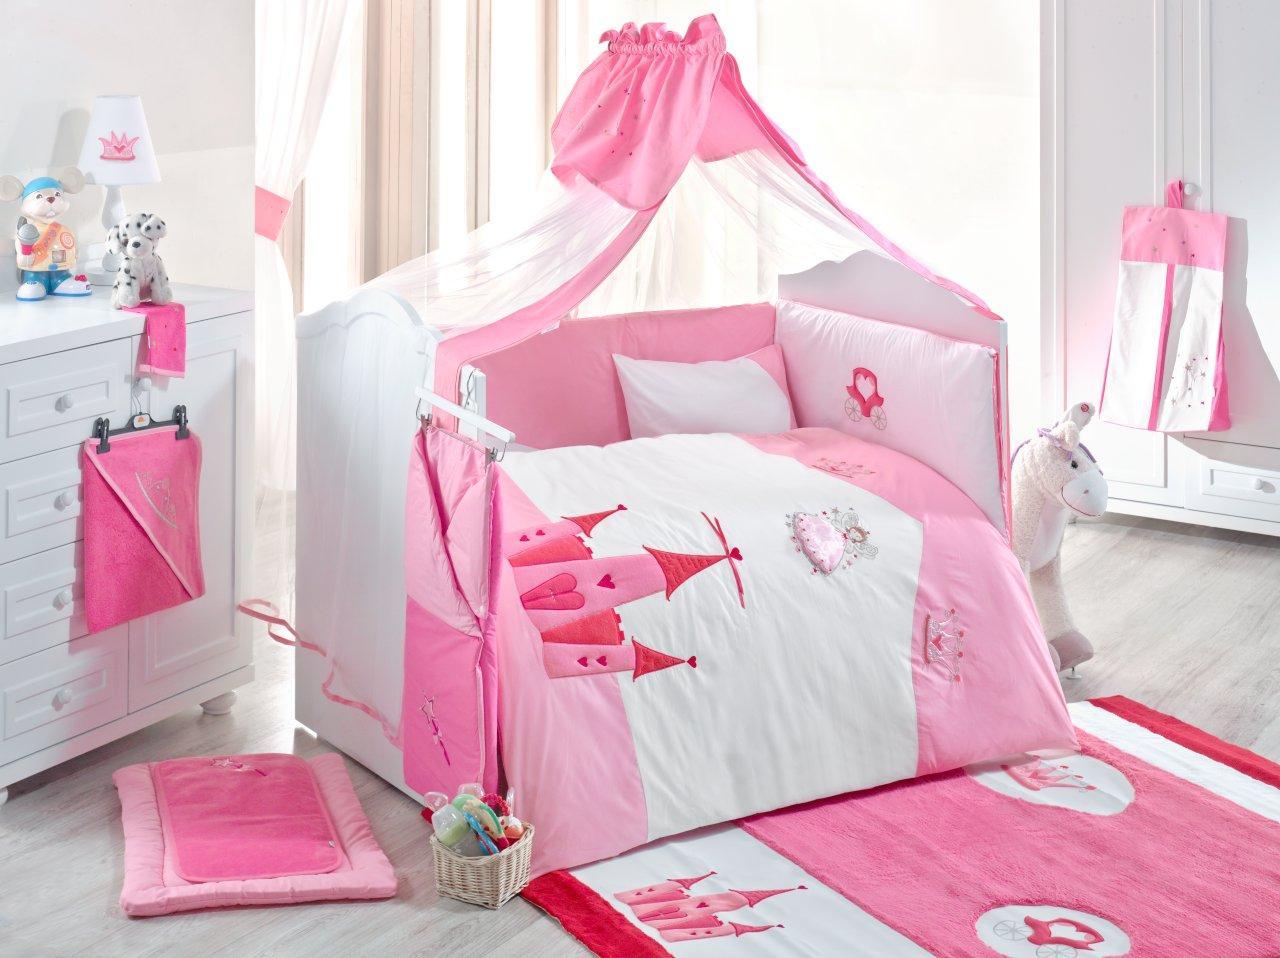 Балдахин серии Little Princess, 150 х 450 см